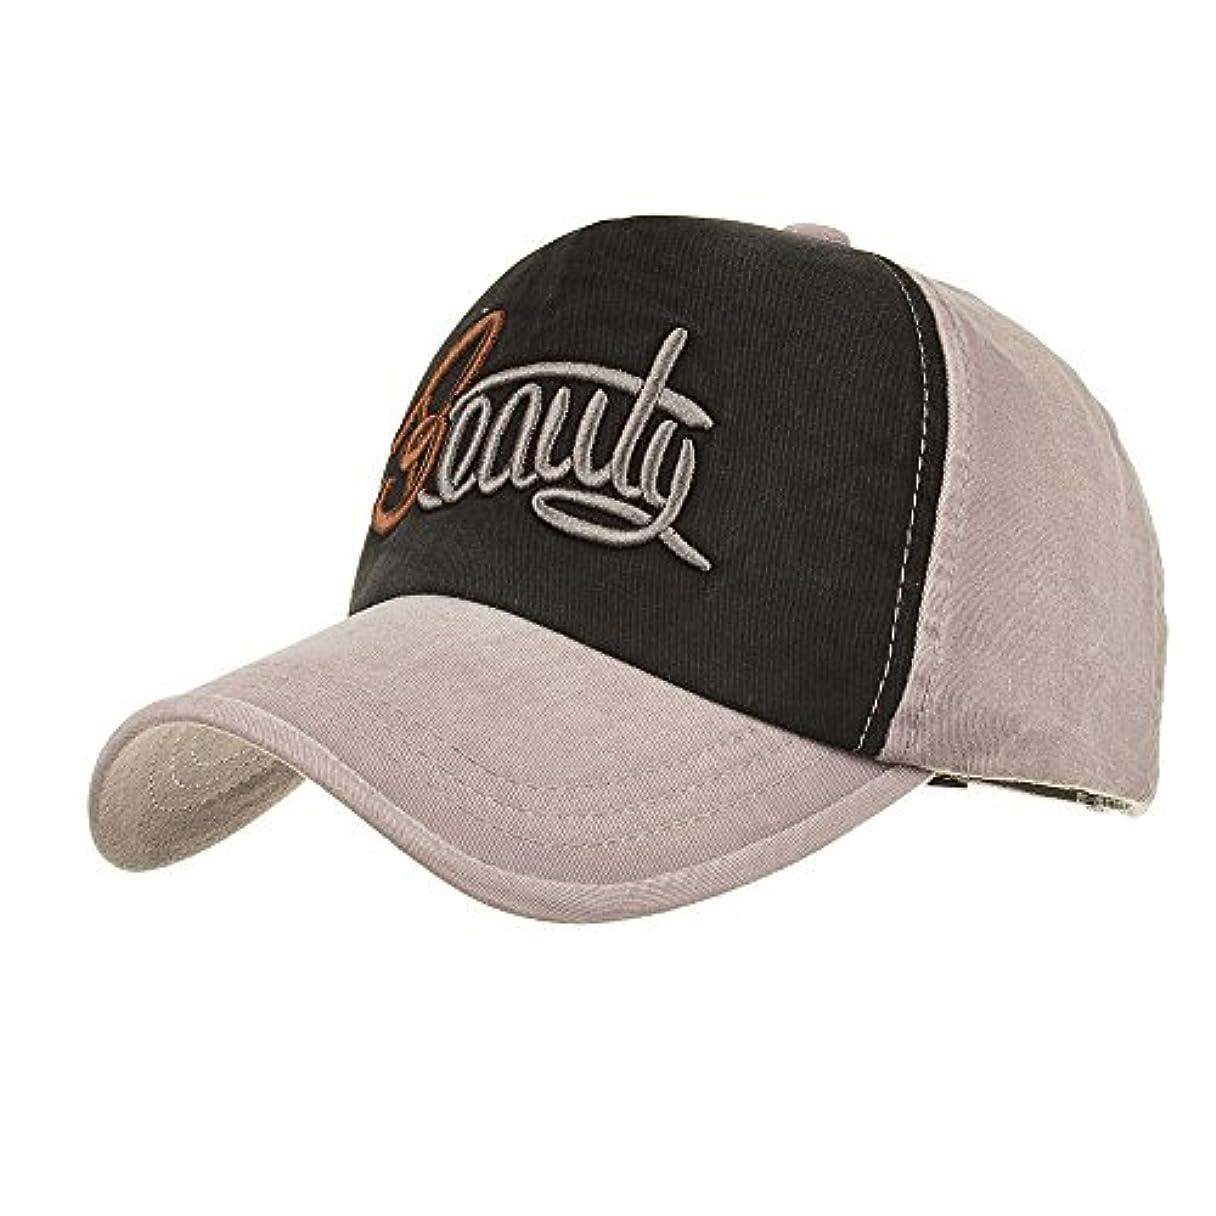 悩み白鳥友情Racazing Cap パッチワーク刺繍 ヒップホップ 野球帽 通気性のある 帽子 夏 登山 可調整可能 棒球帽 UV 帽子 軽量 屋外 Unisex Hat (グレー)